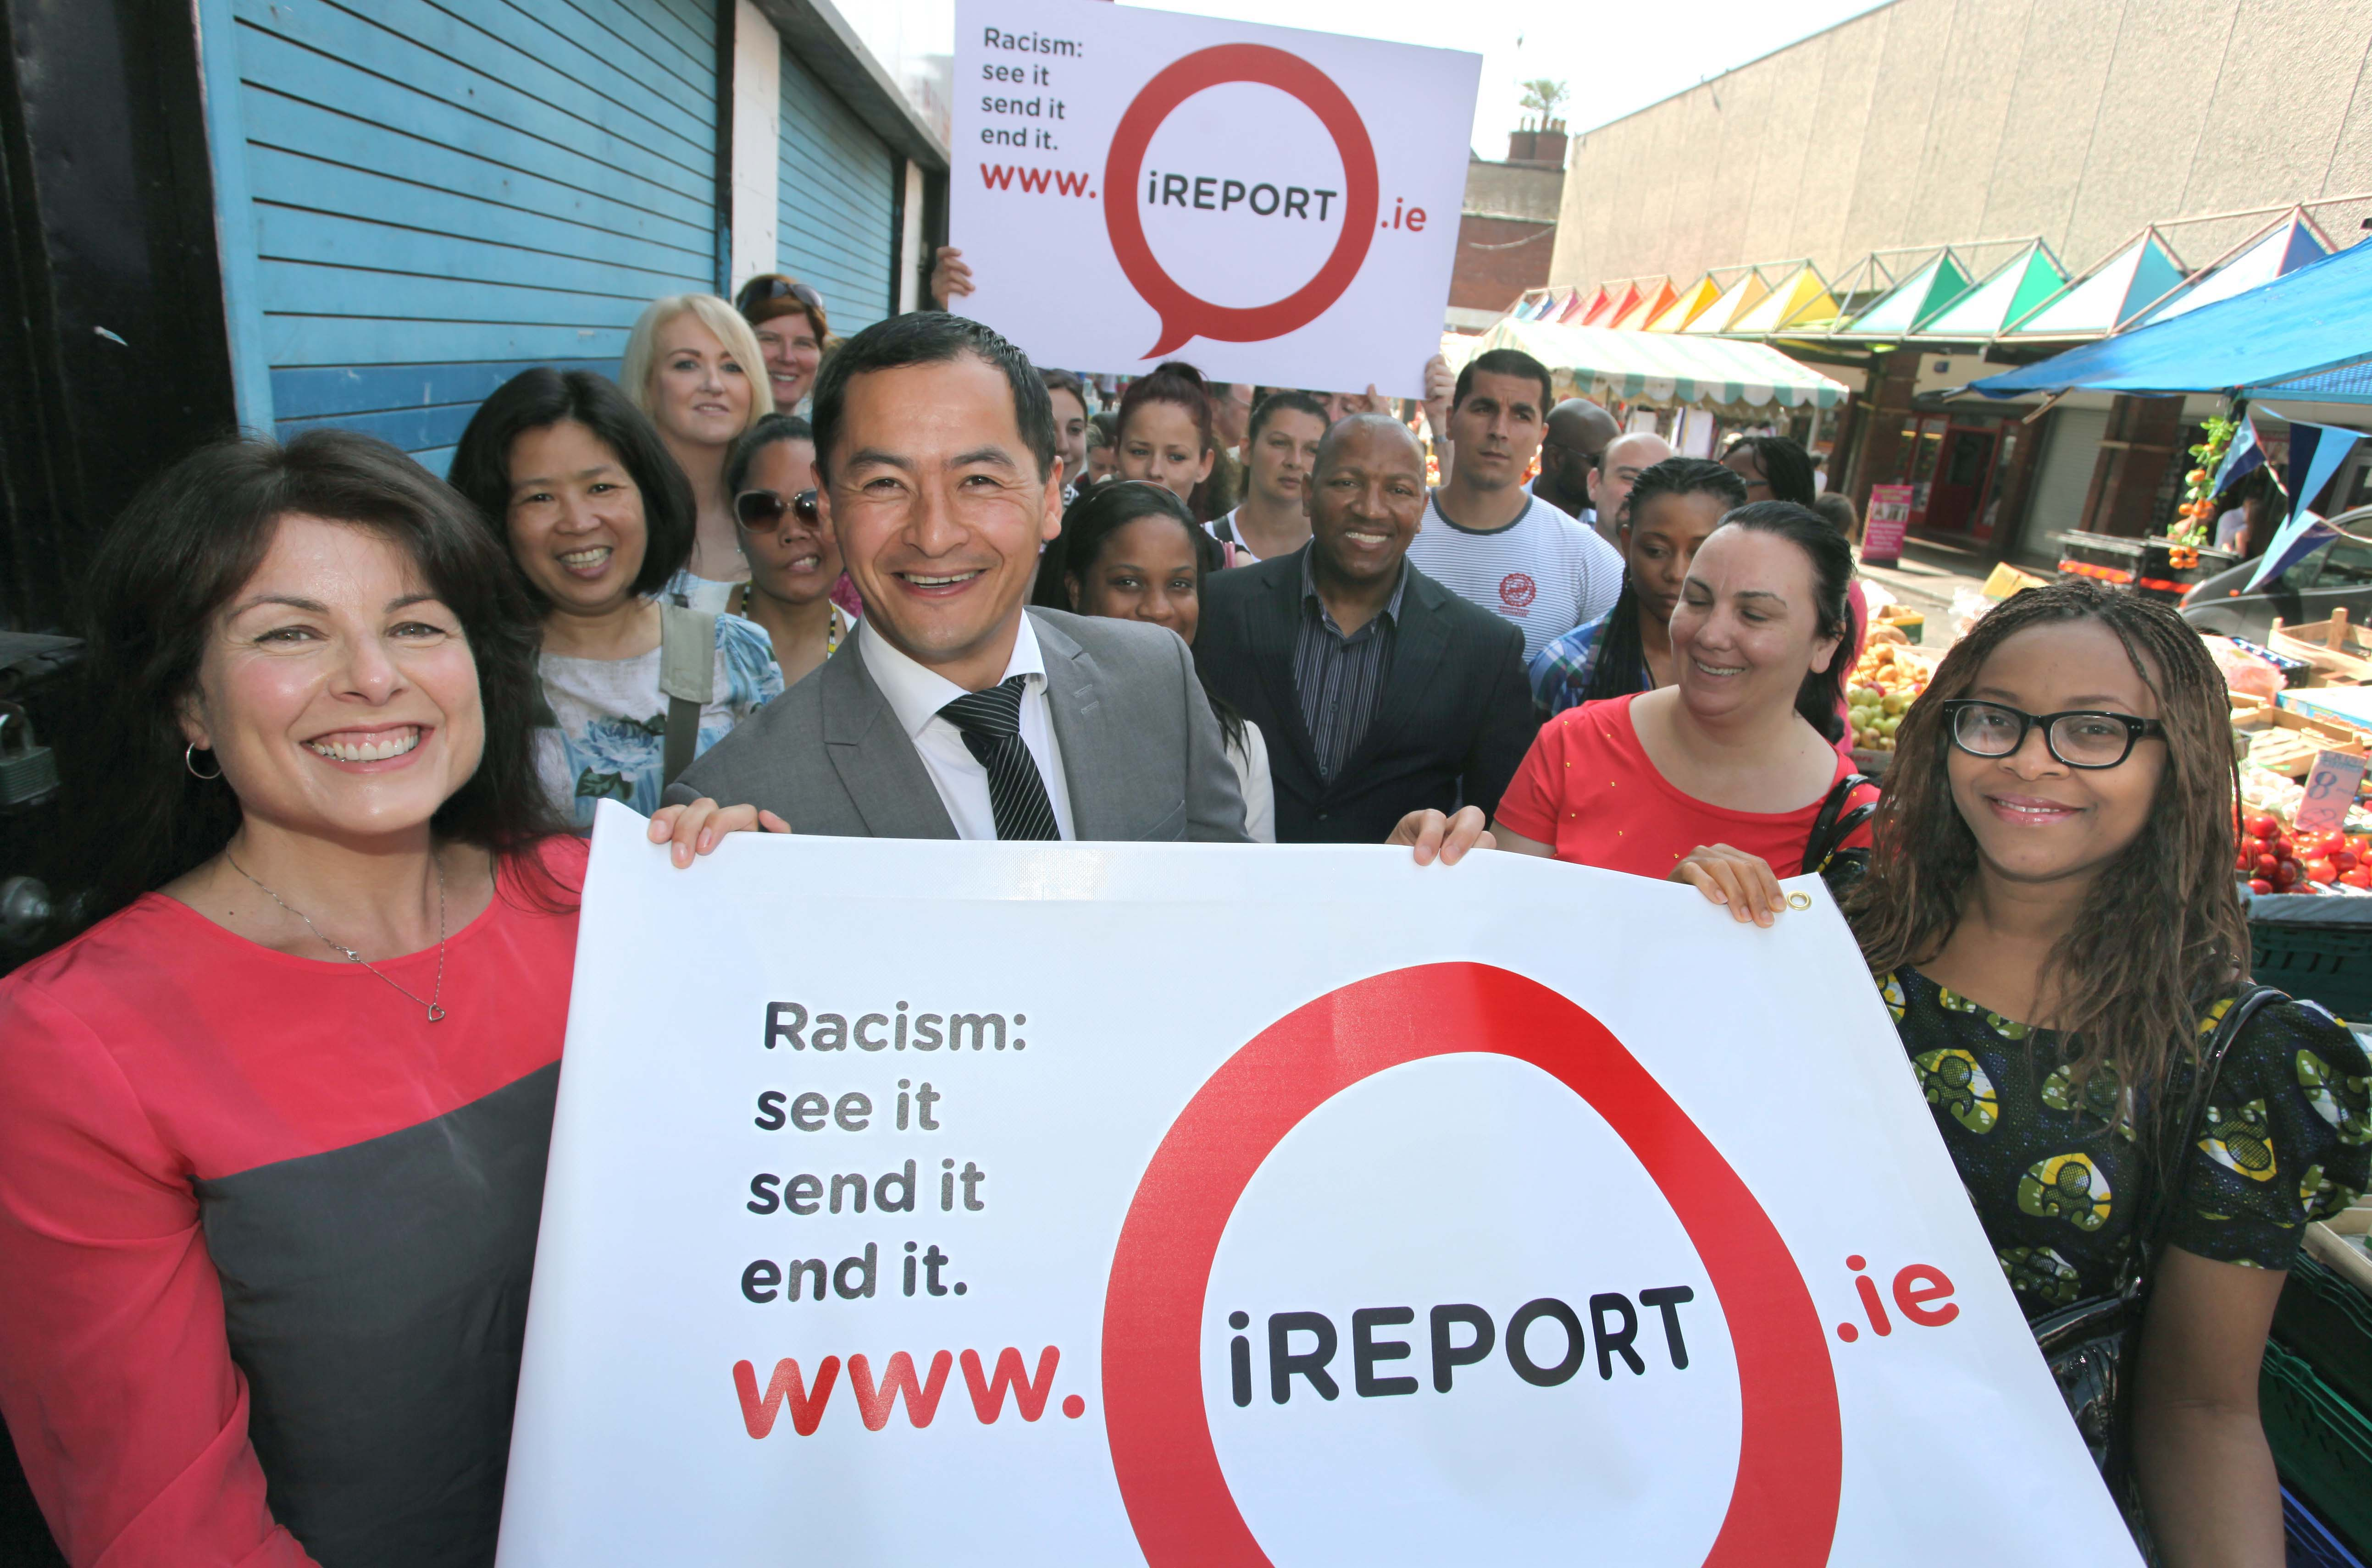 iReport Launch, Moore St, Dublin